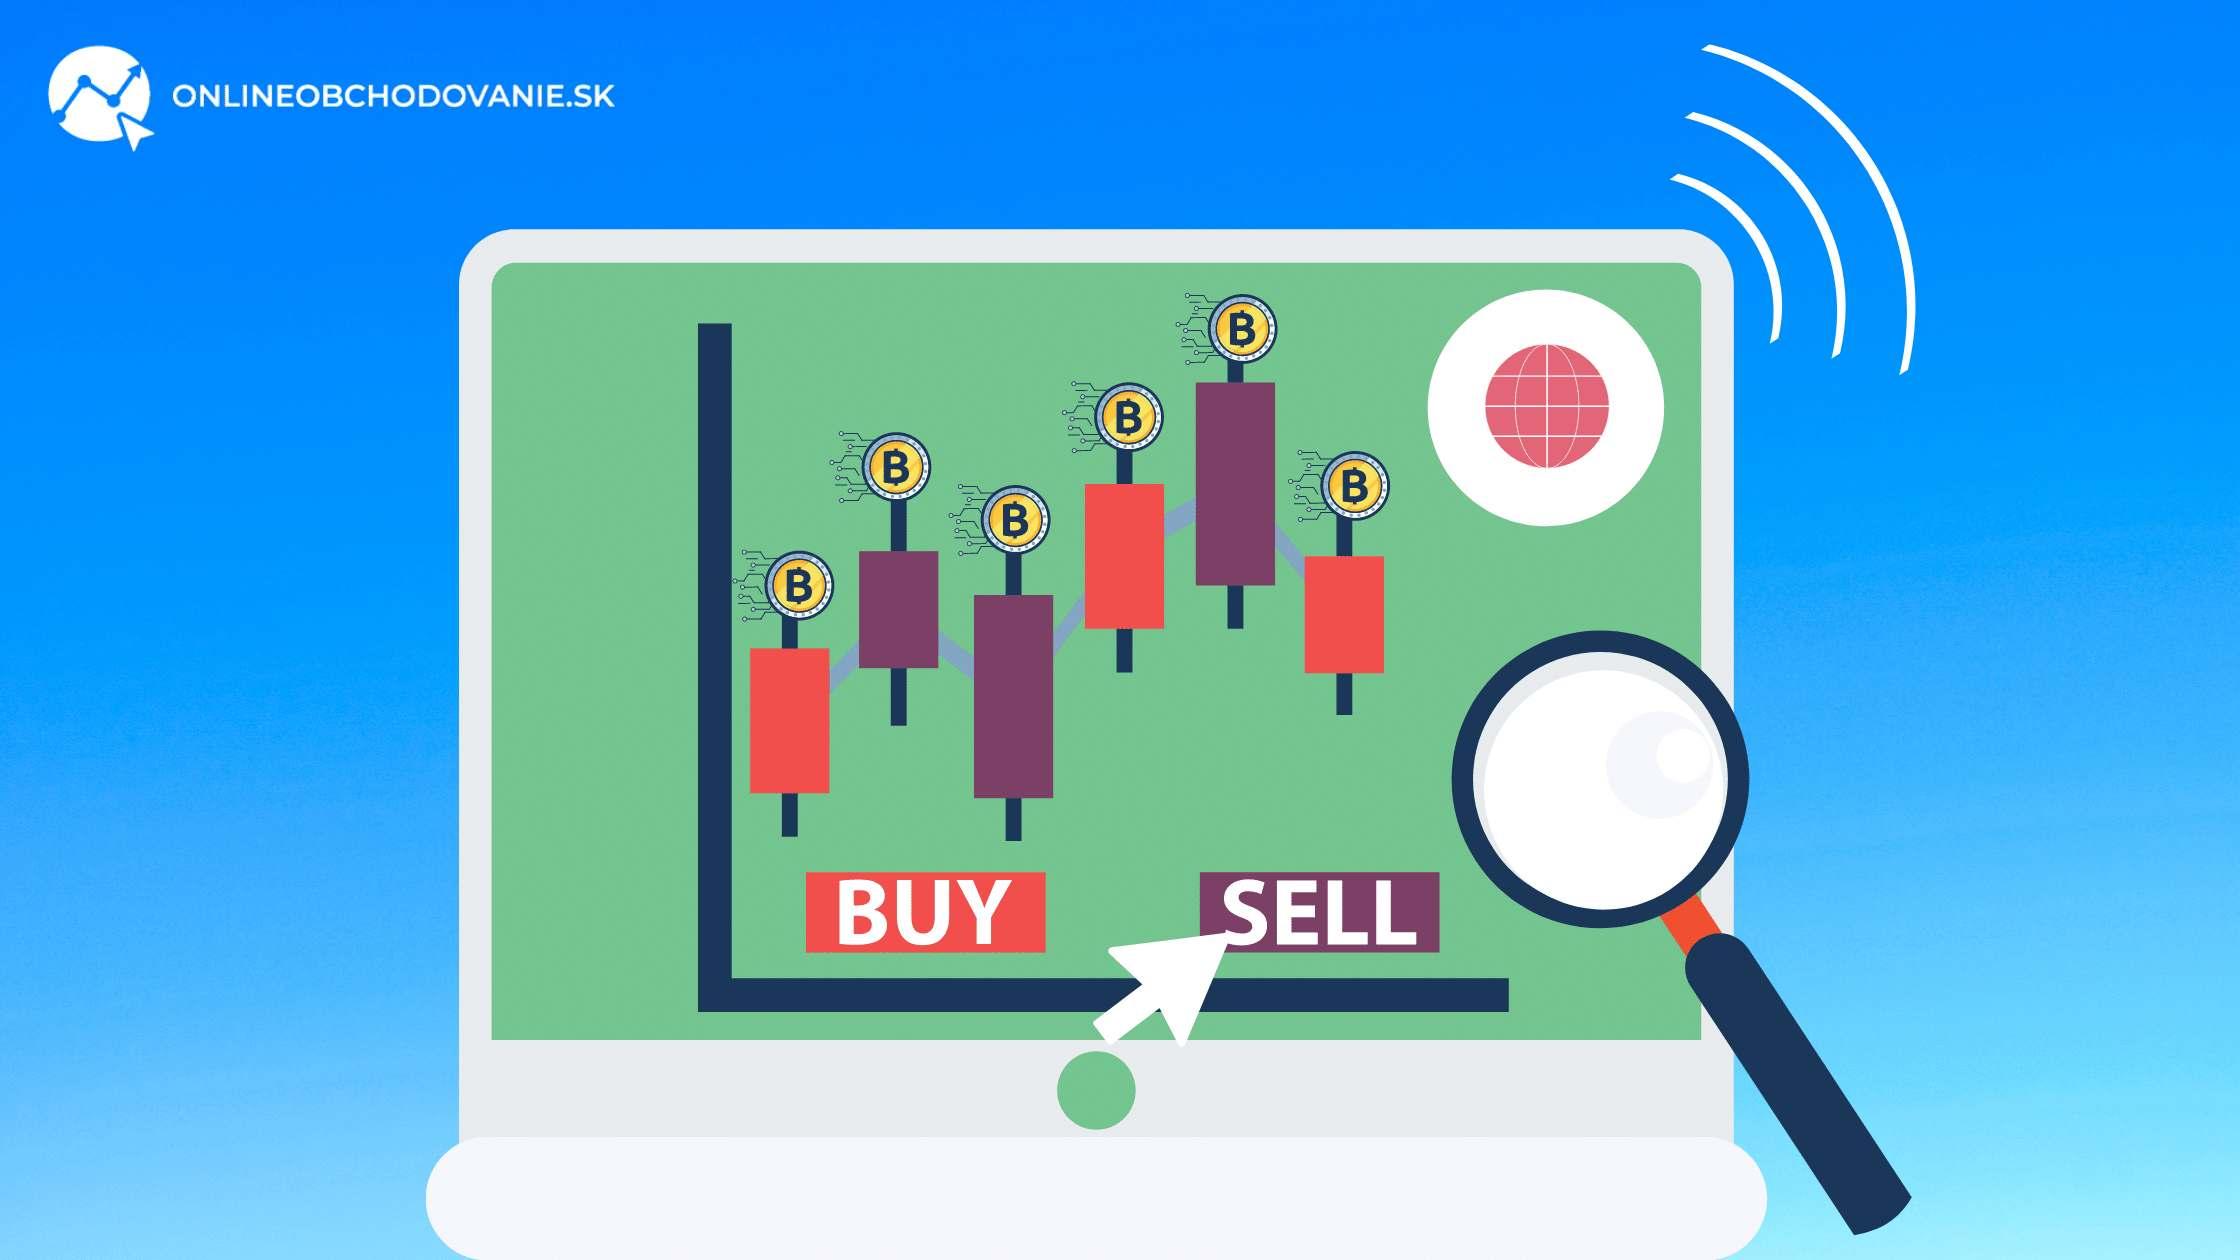 Obchodovanie v uzkych pasmach - range trading